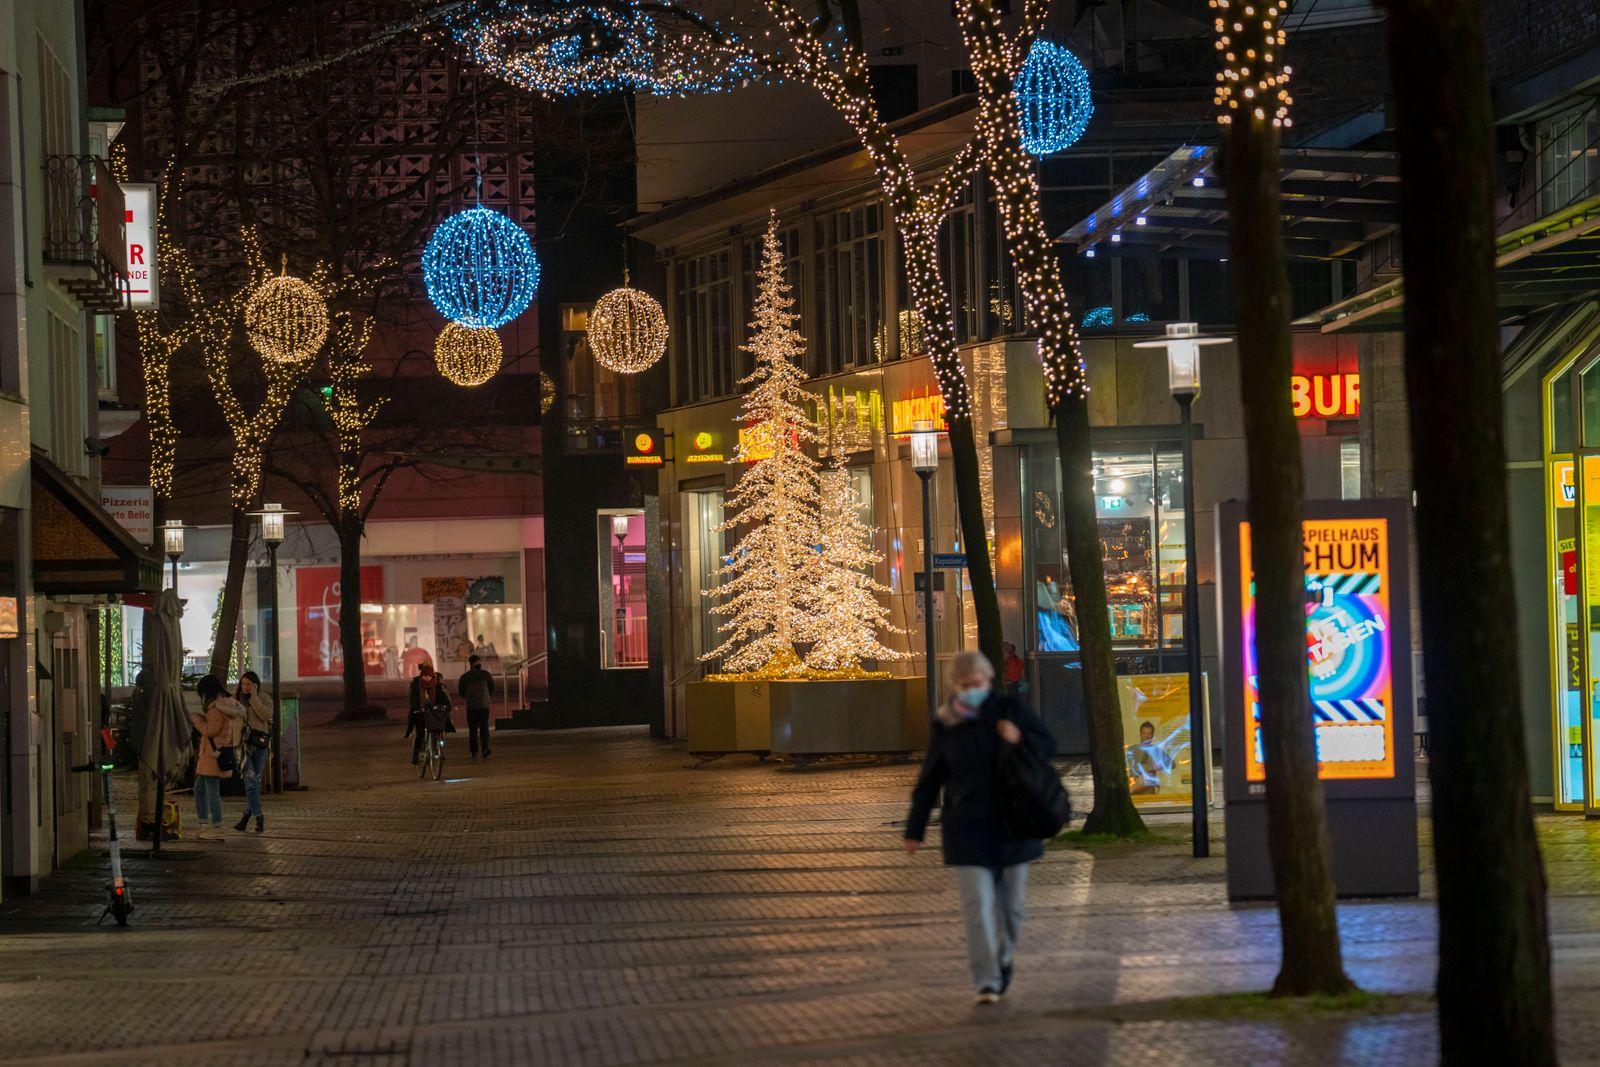 Einkaufsstrasse Rathemaustrasse, Geschäftsstrasse, Fussgängerzone, leer, wenige Menschen beim Einkauf, twährend des zwe